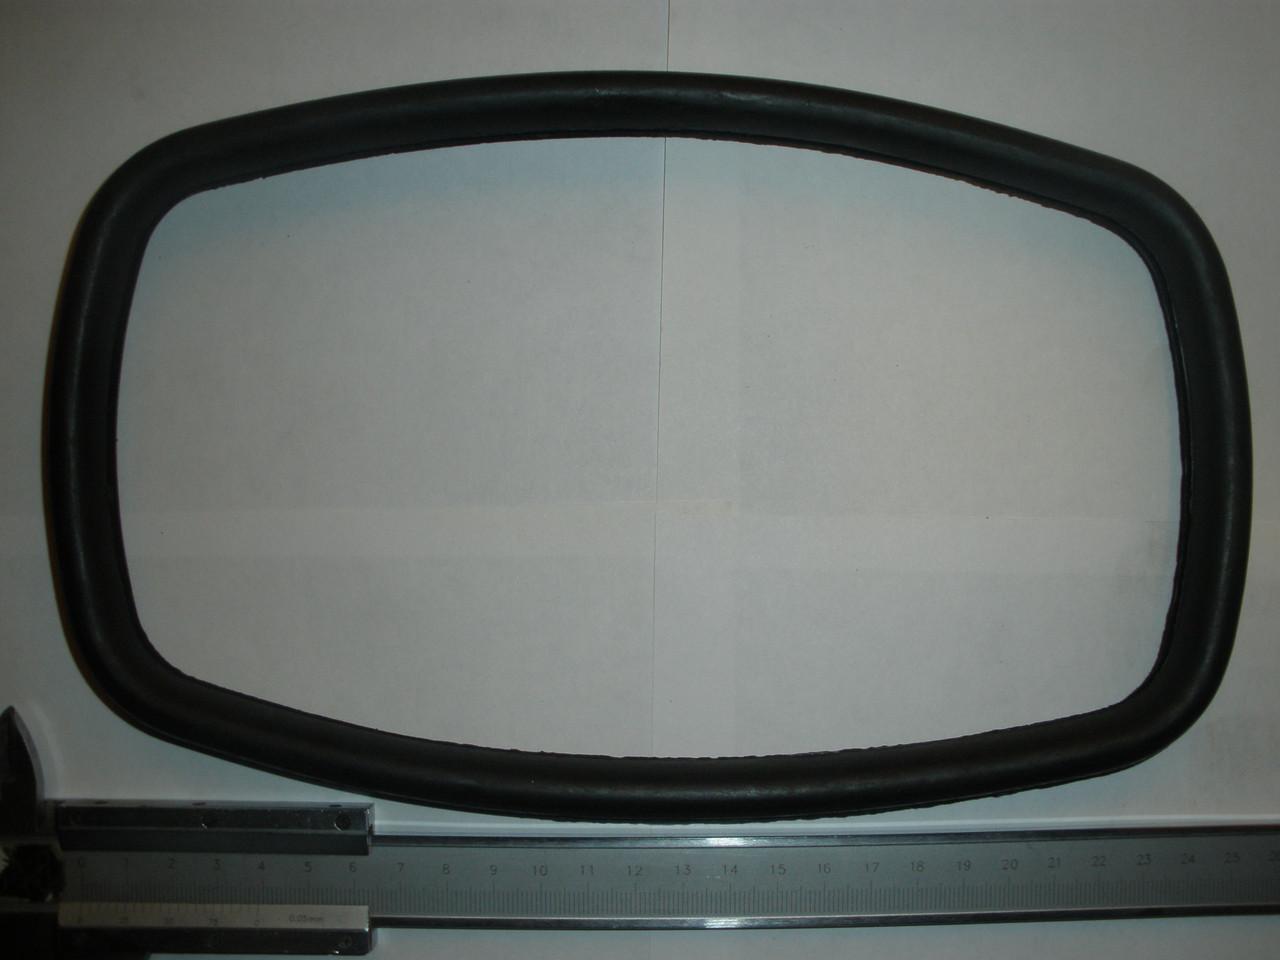 Обідок зовнішнього дзеркала УАЗ 2206, 3303, 3741, 3962 (452Д-8201019 Росія)